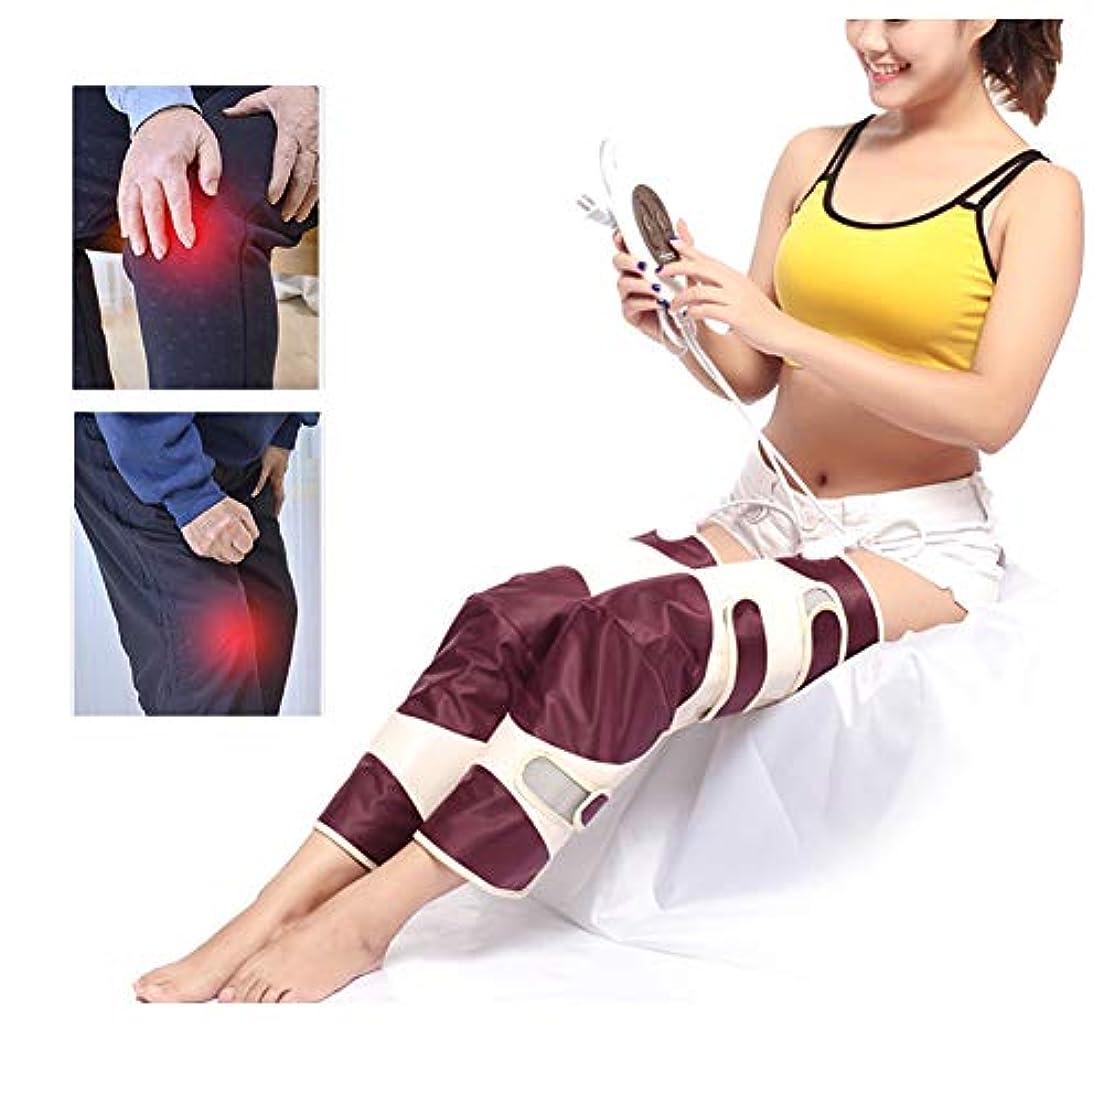 水陸両用学習維持する膝の怪我、痛みを軽減するための電気加熱膝ブレースサポート - 膝温かいラップ加熱パッド - 遠赤外線治療マッサージャー